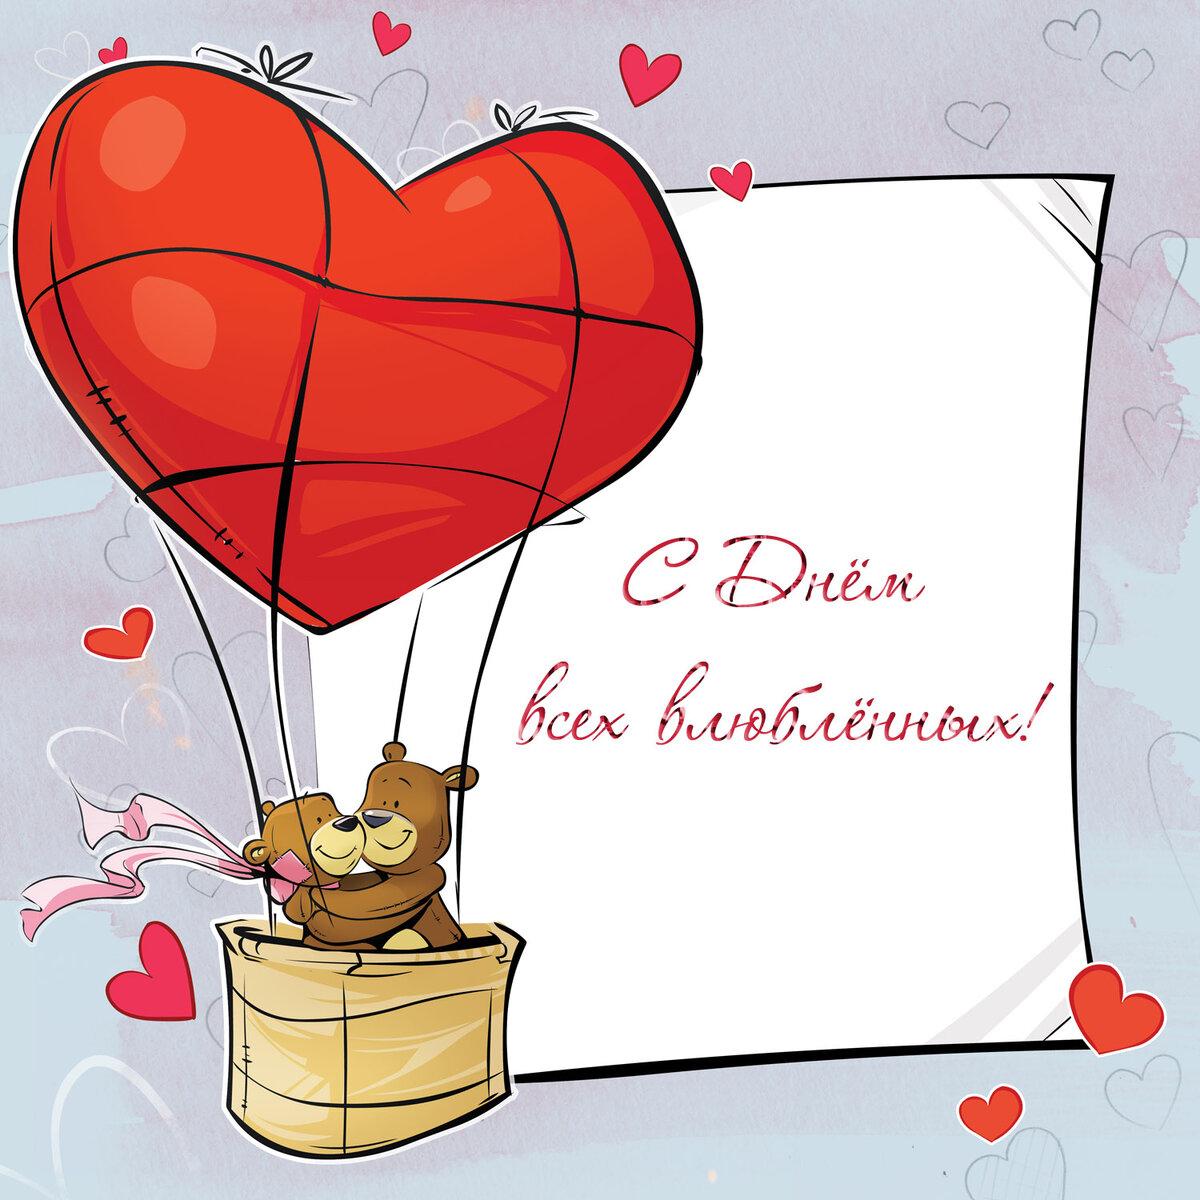 Открытка для любимого с днем всех влюбленных